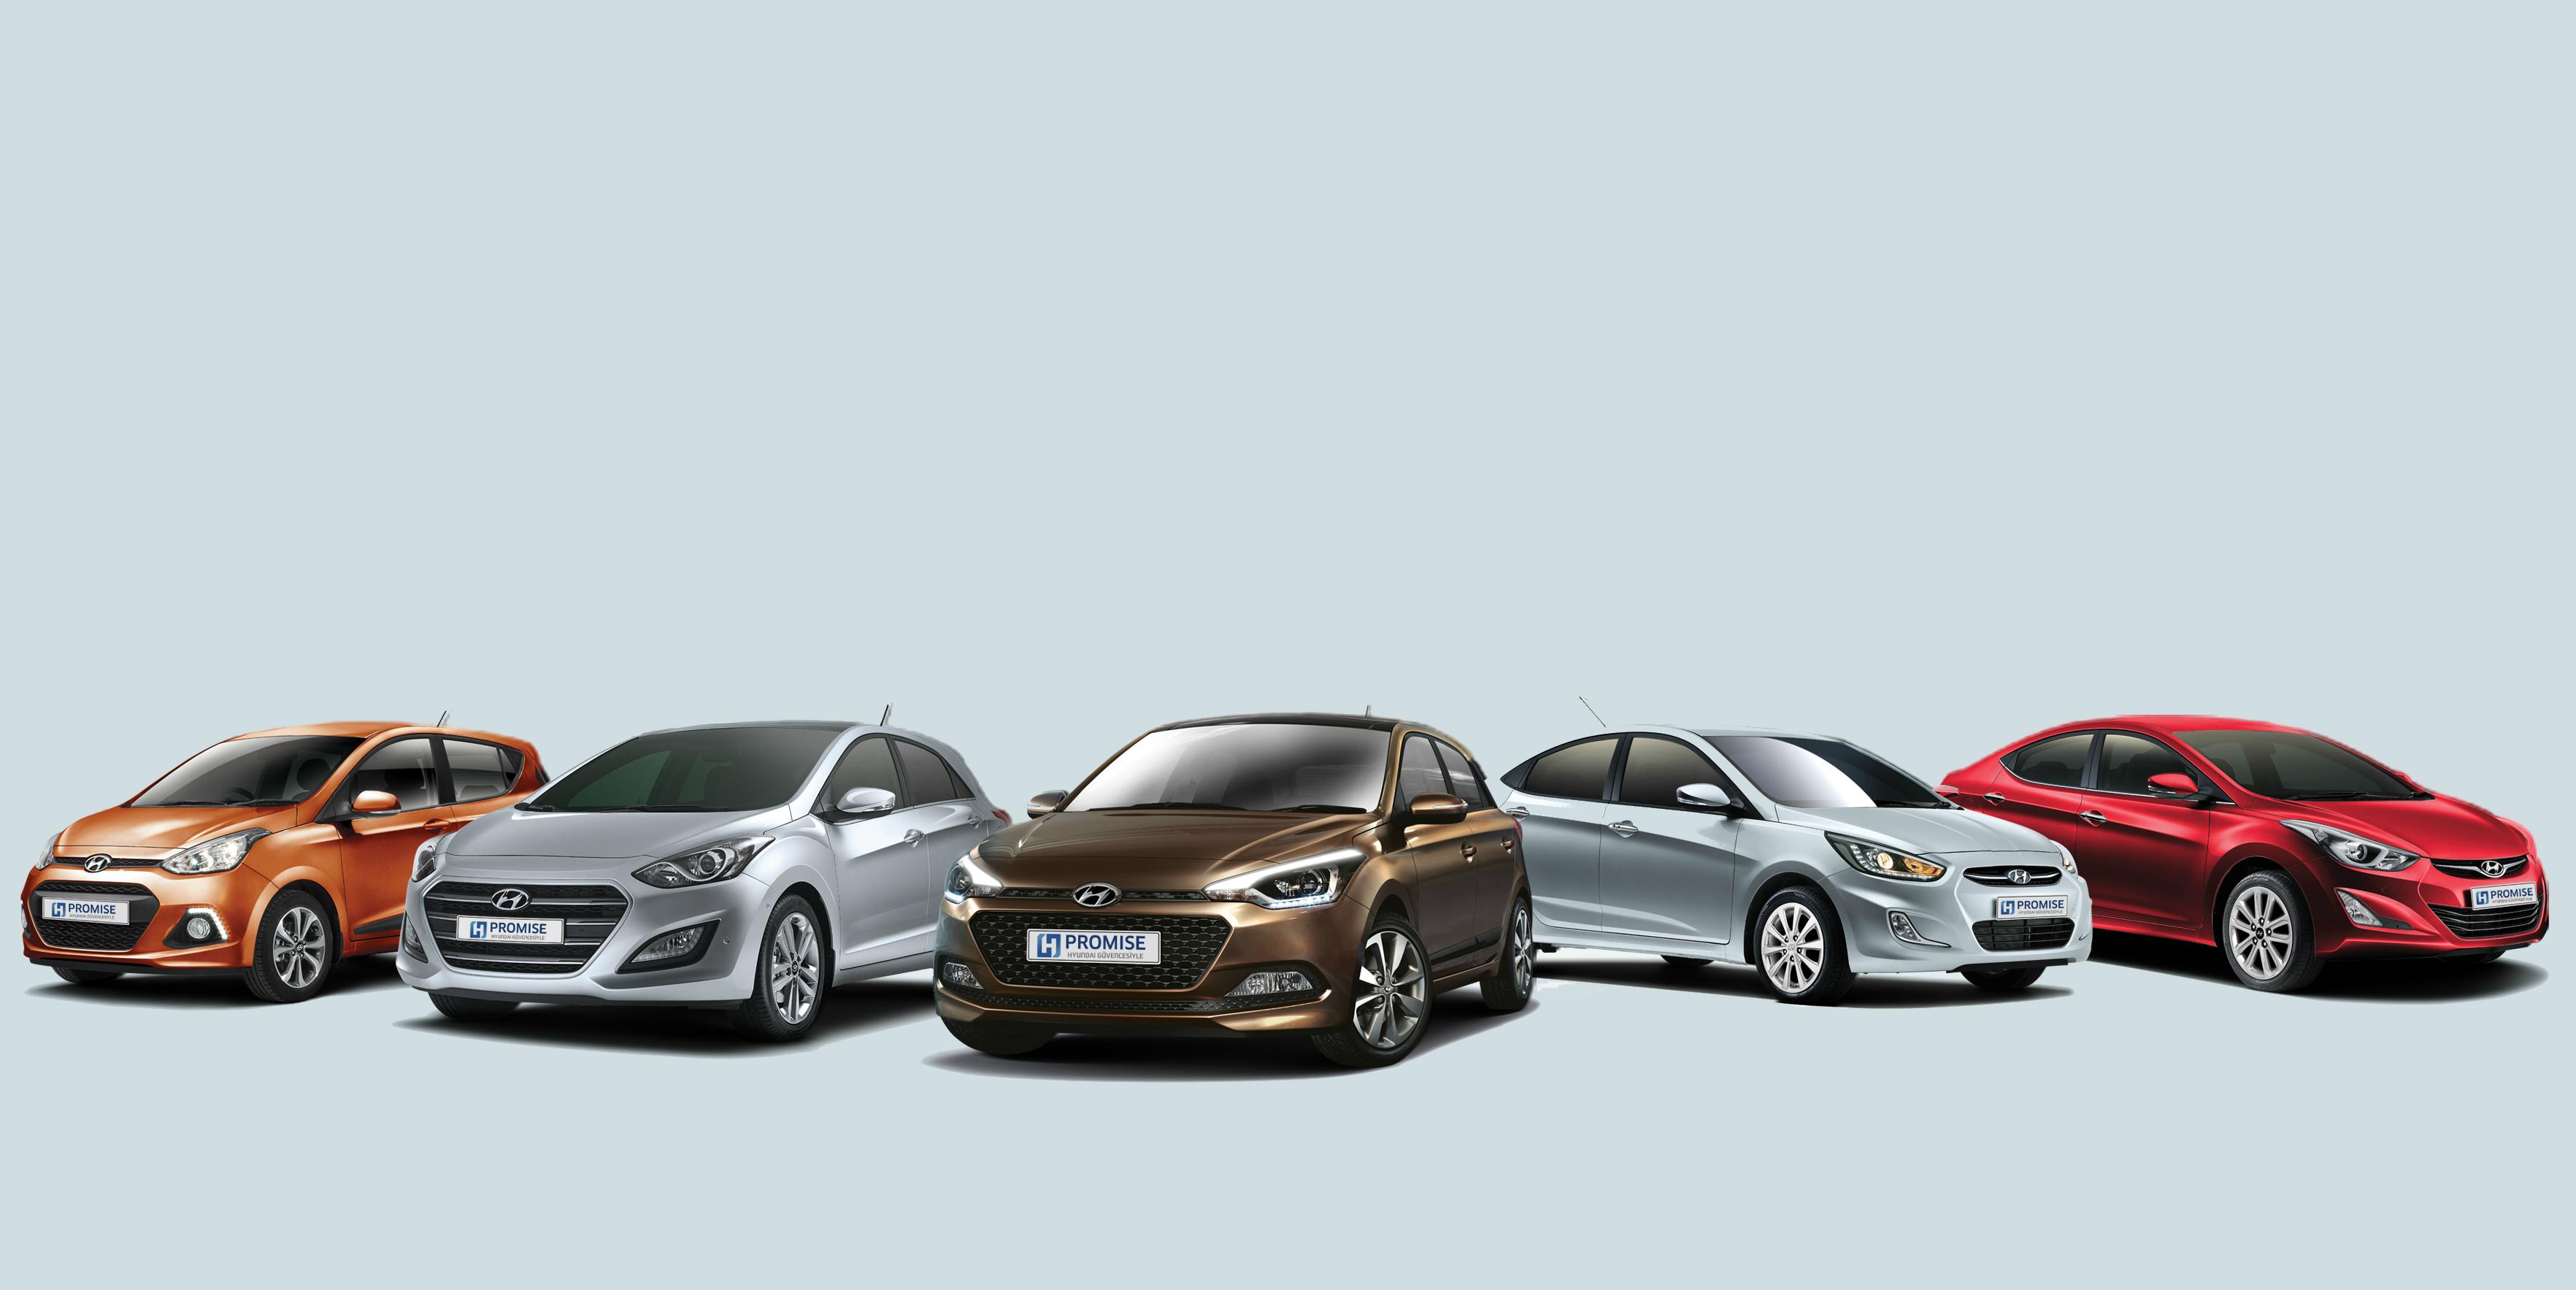 Hyundai 2nci El Otomobil Pazarında Daha Değerli Olmak İstiyor